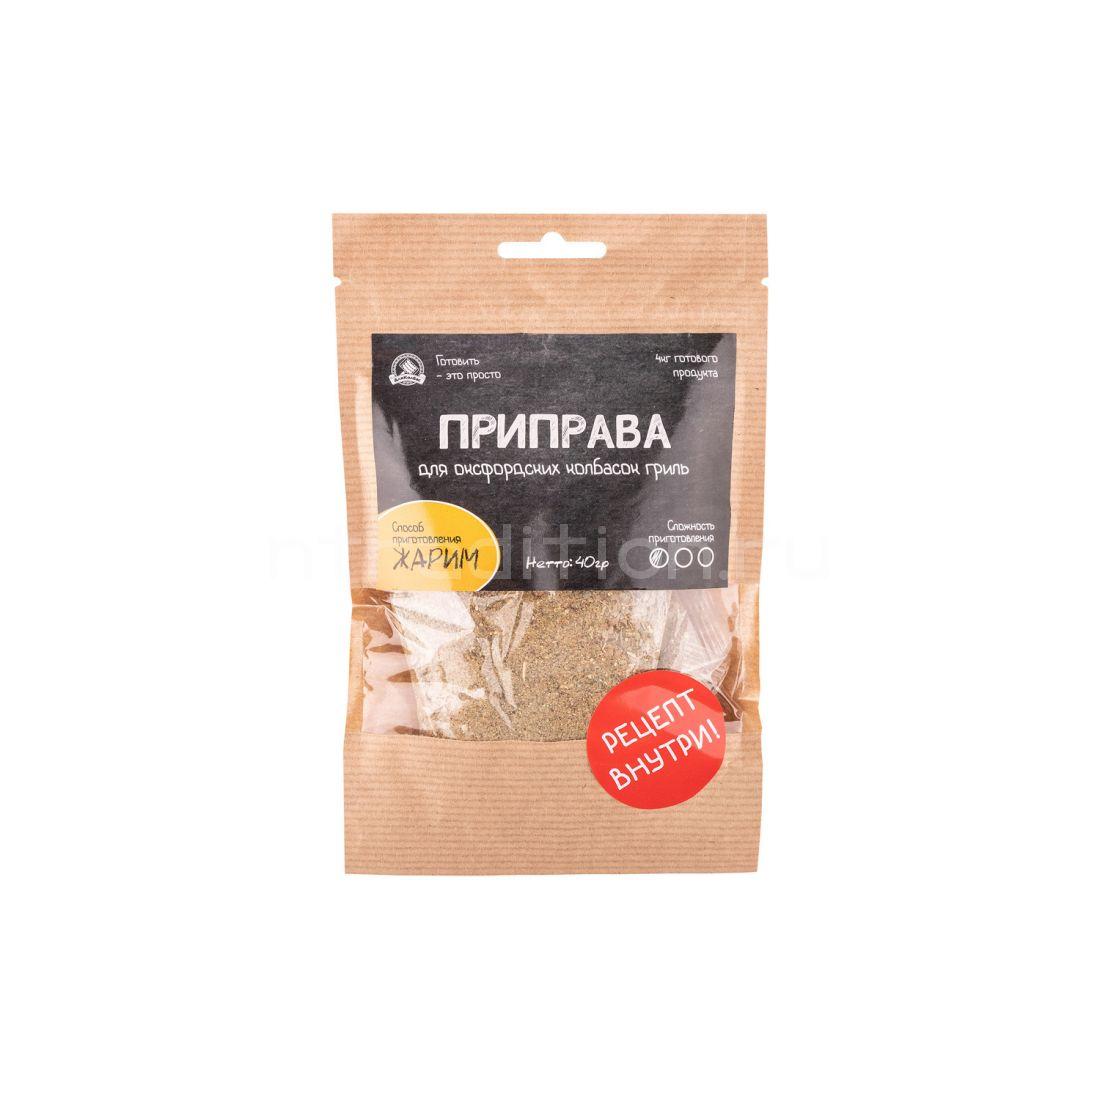 Приправа для оксфордских колбасок гриль, 40 гр